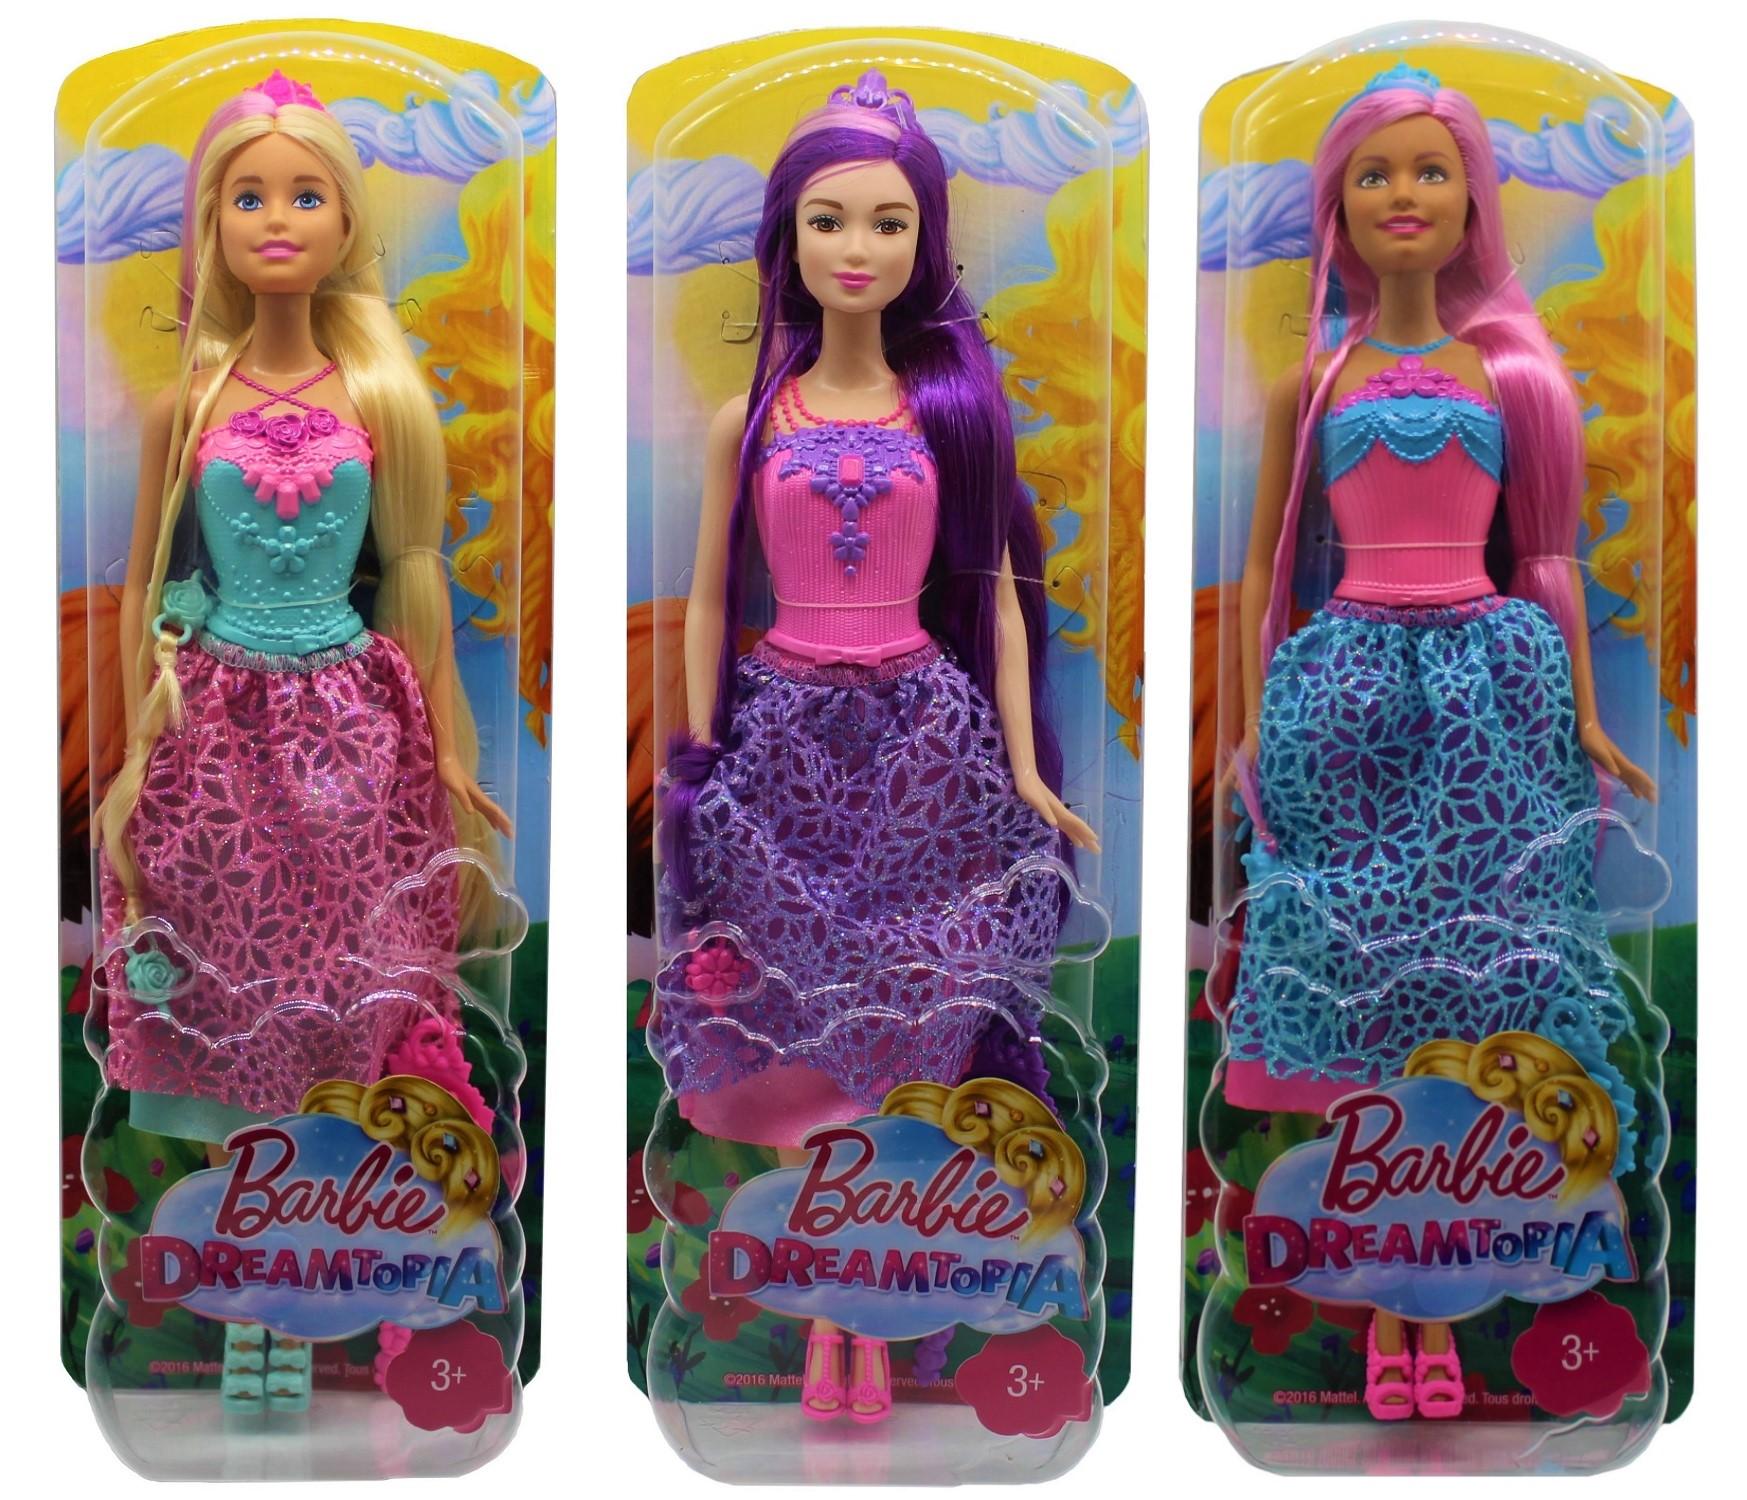 Barbie Dreamtopia Zauberhaar-Prinzessinnen 4 Königreiche (Auswahl)